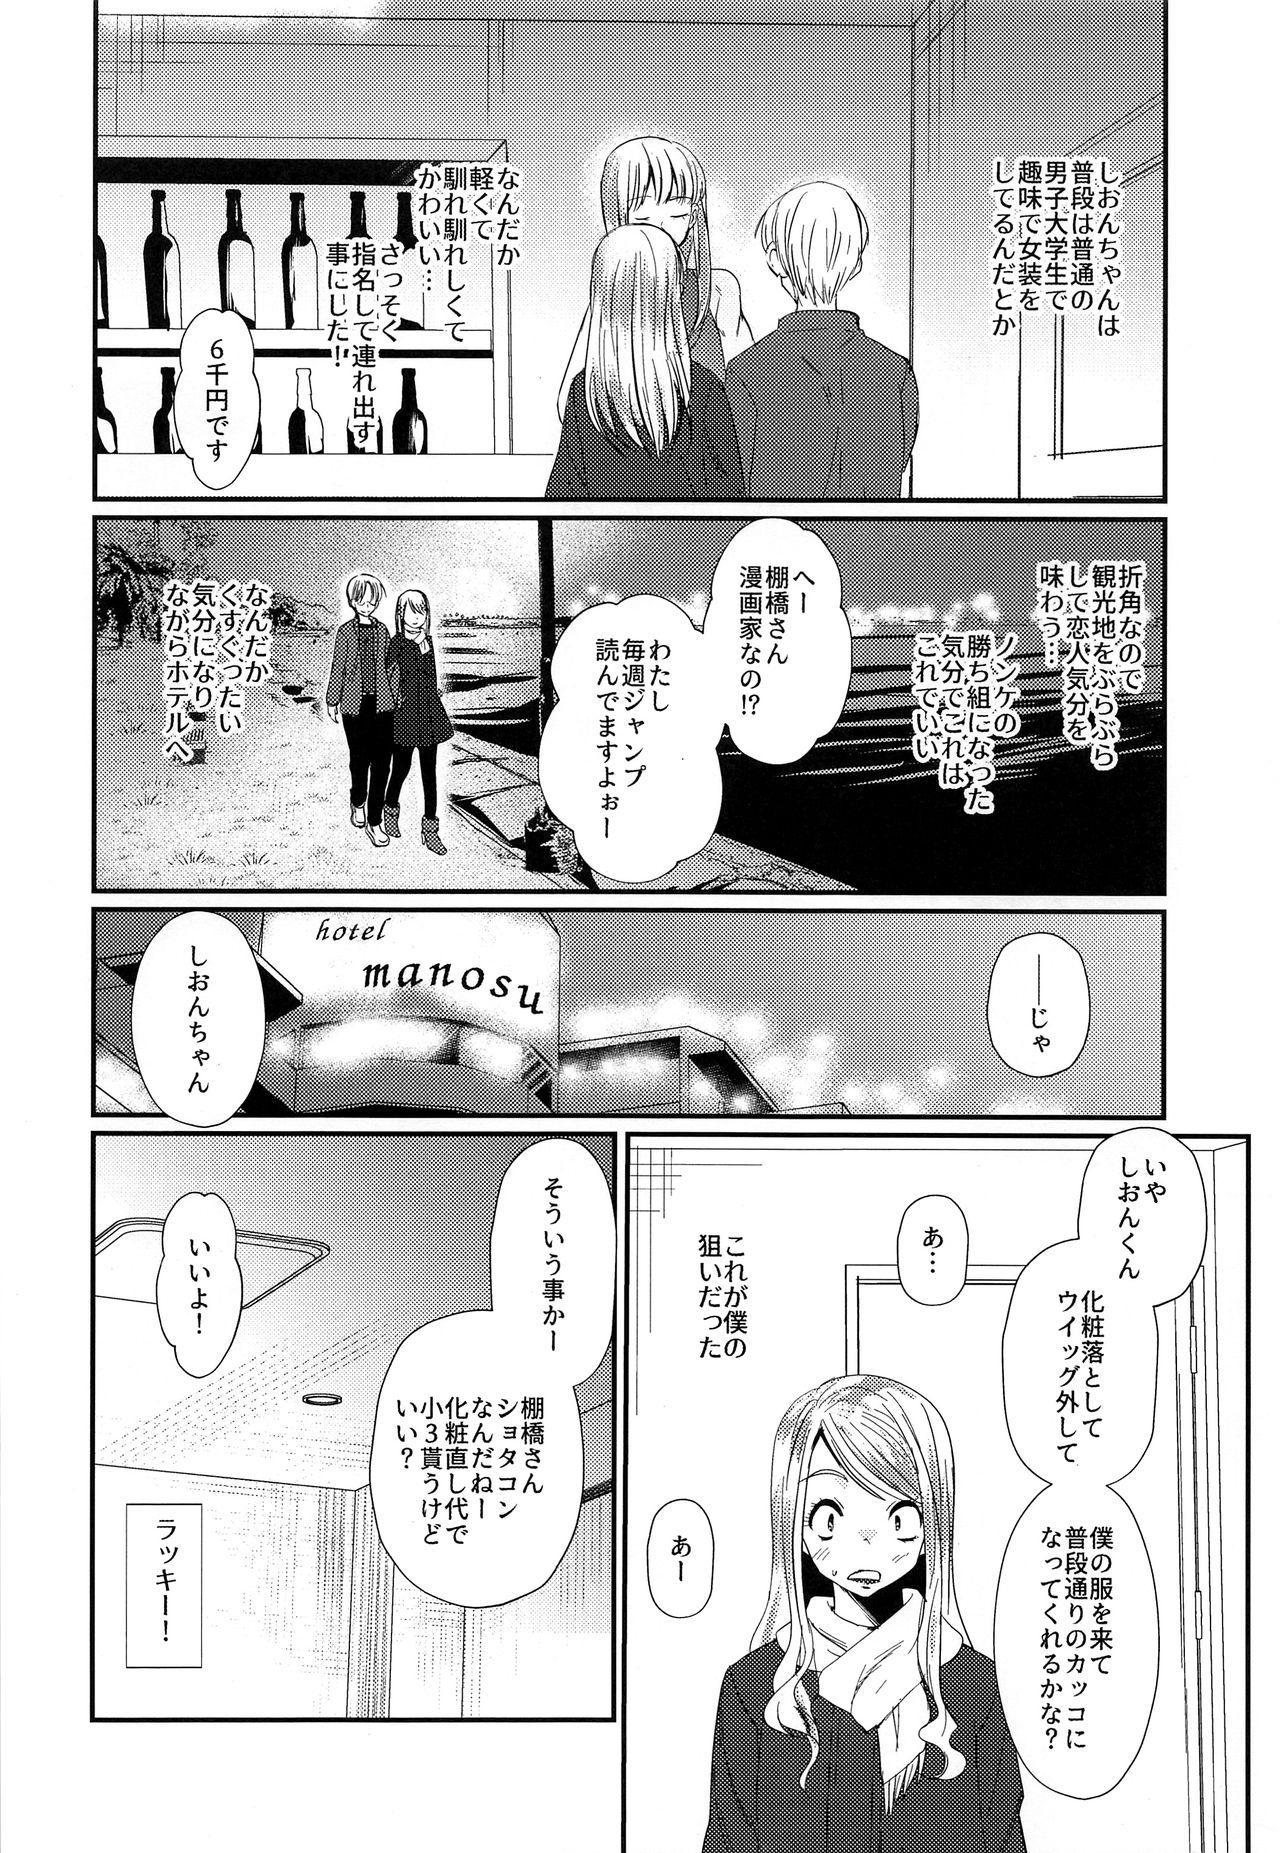 Tokumori! Shota Fuuzoku Saizensen 11